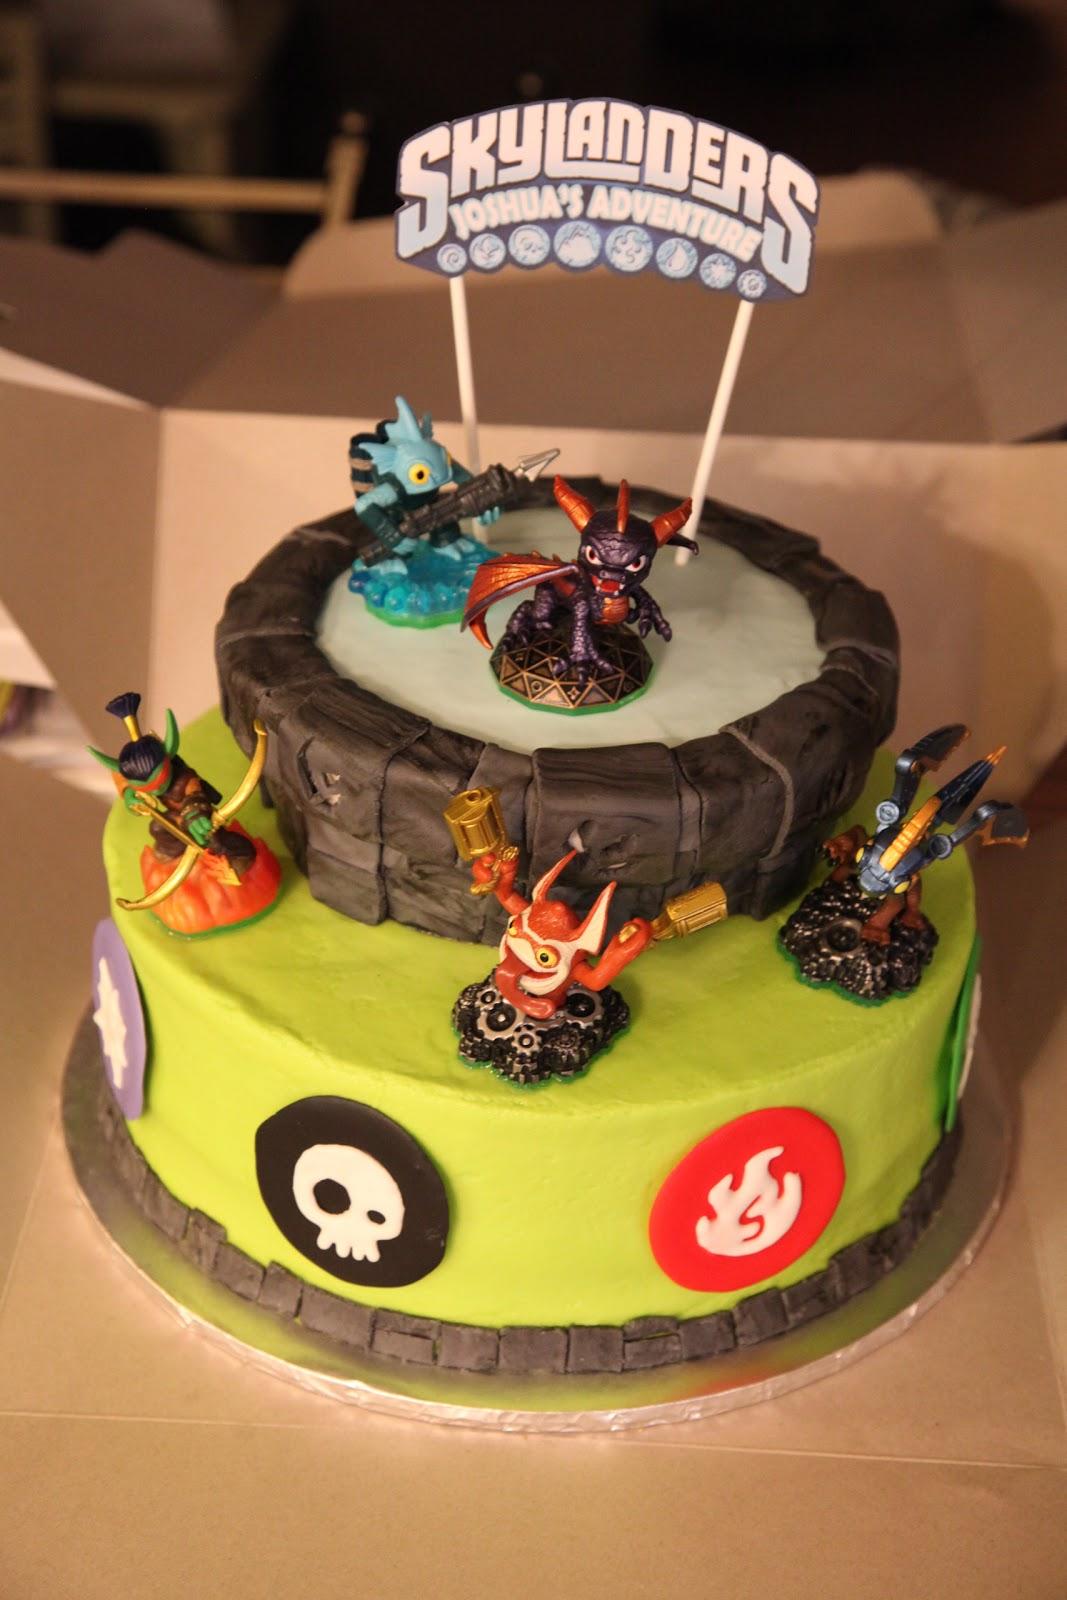 Skylander Birthday Cakes